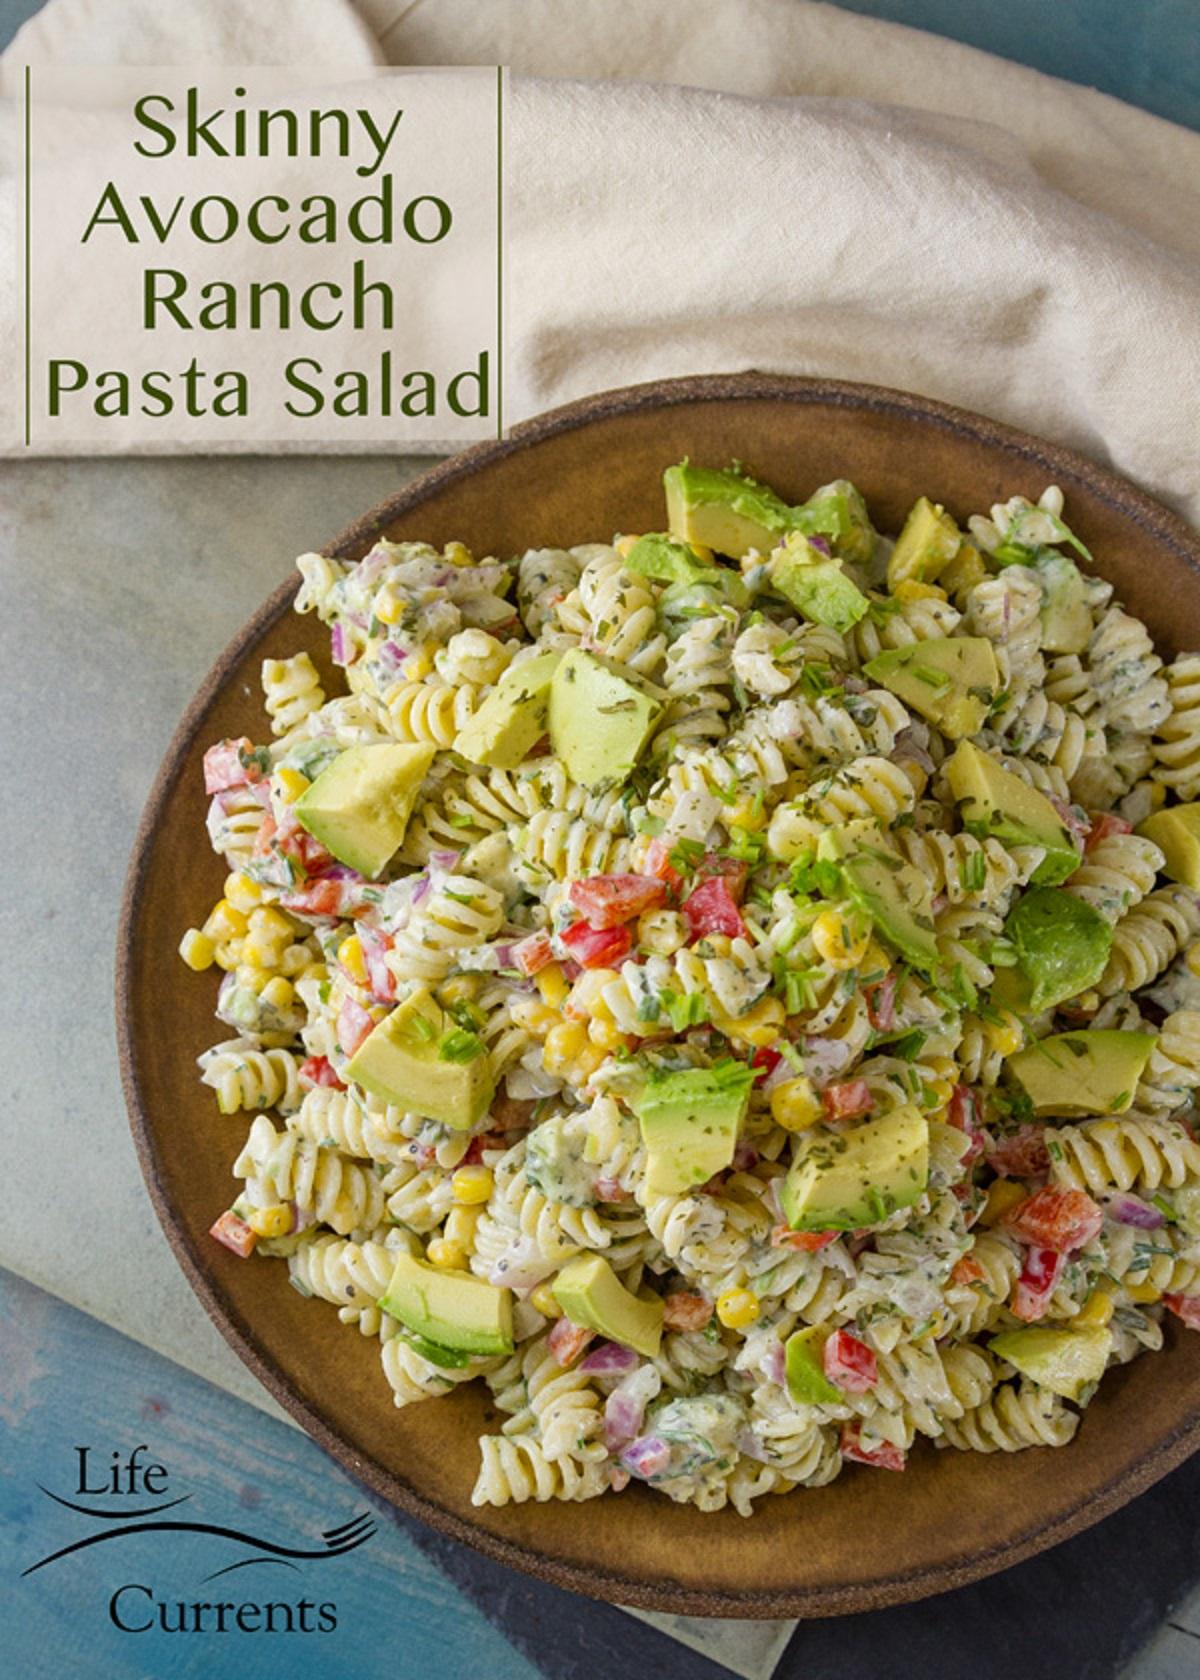 Avocado ranch pasta salad in a brown ceramic bowl.